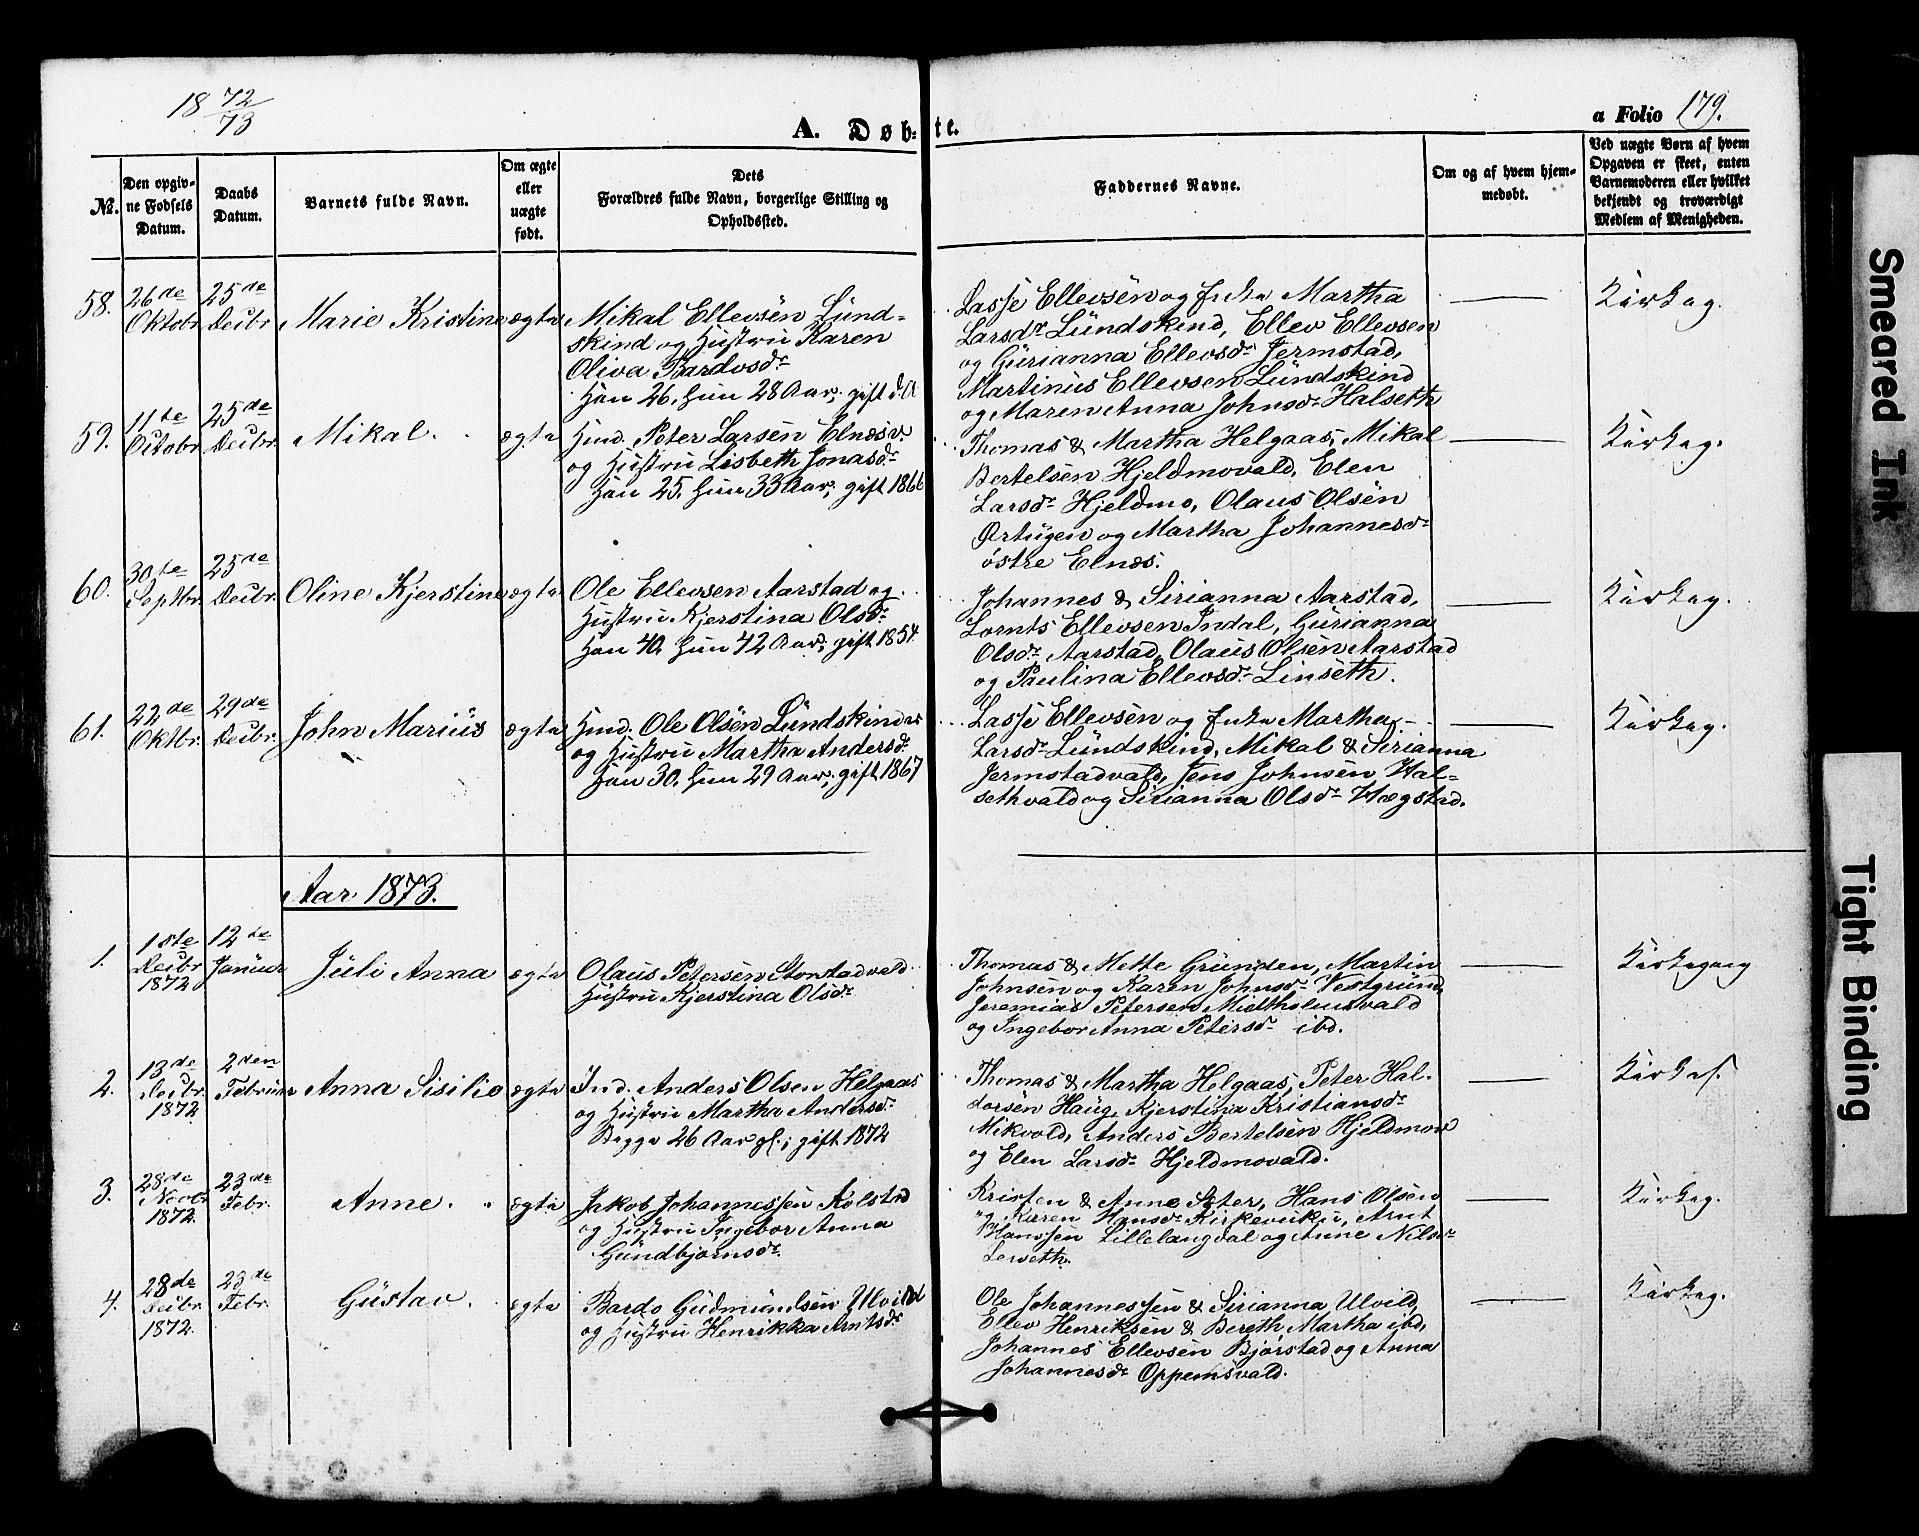 SAT, Ministerialprotokoller, klokkerbøker og fødselsregistre - Nord-Trøndelag, 724/L0268: Klokkerbok nr. 724C04, 1846-1878, s. 179